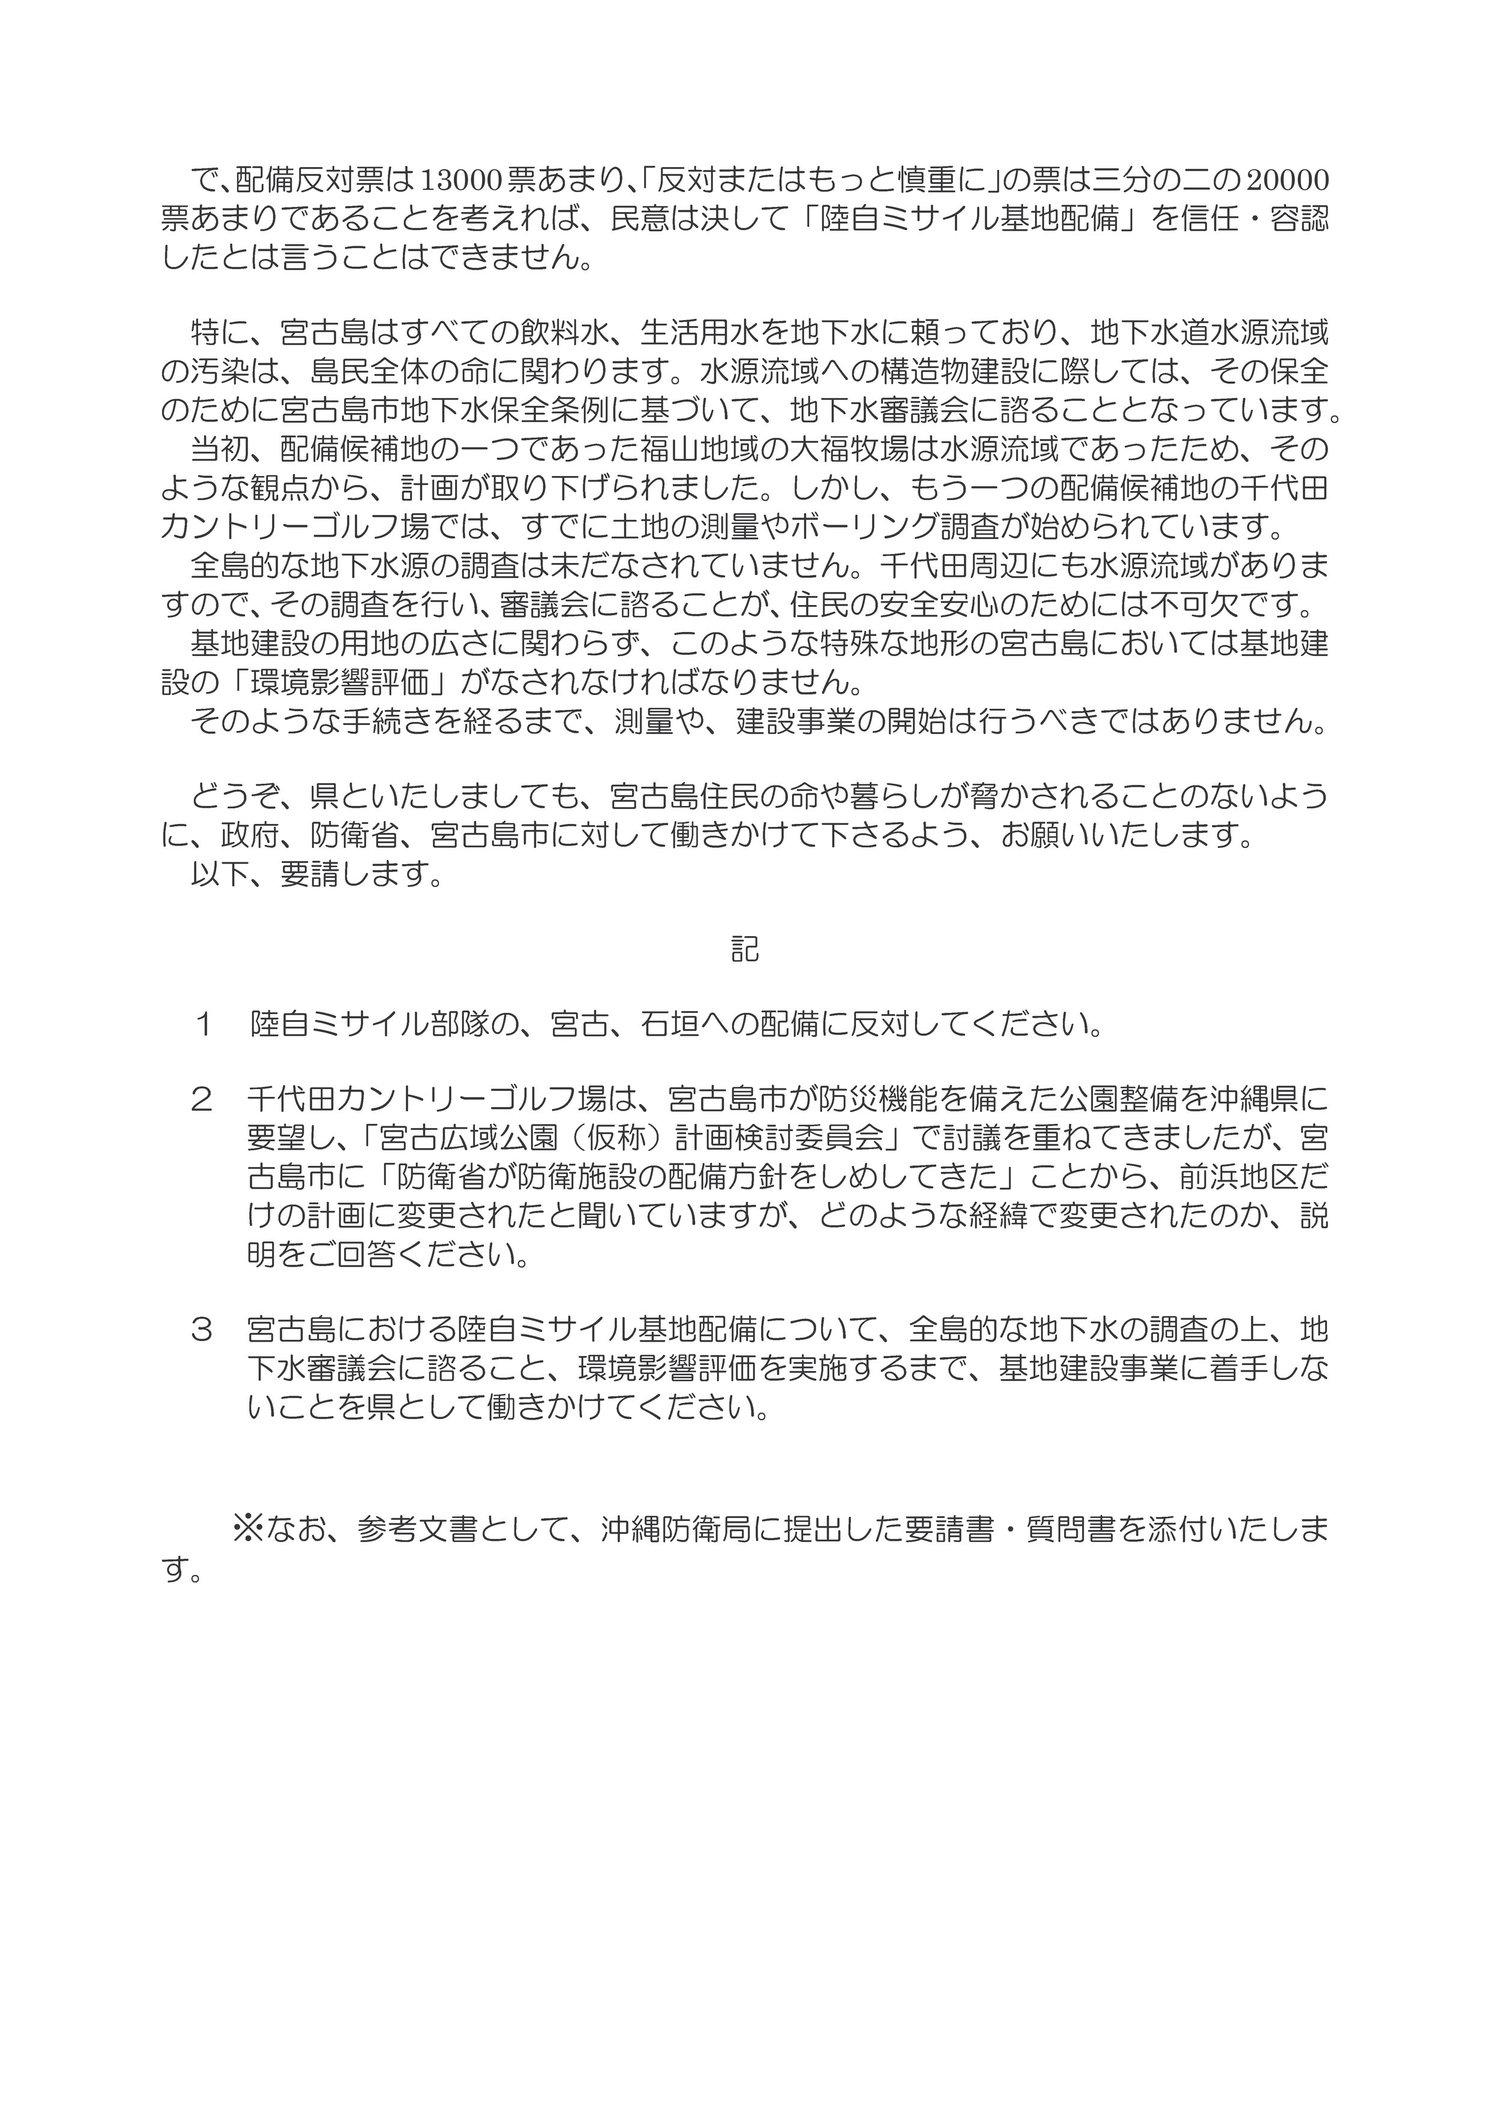 郡民の会沖縄県知事あて要請書02